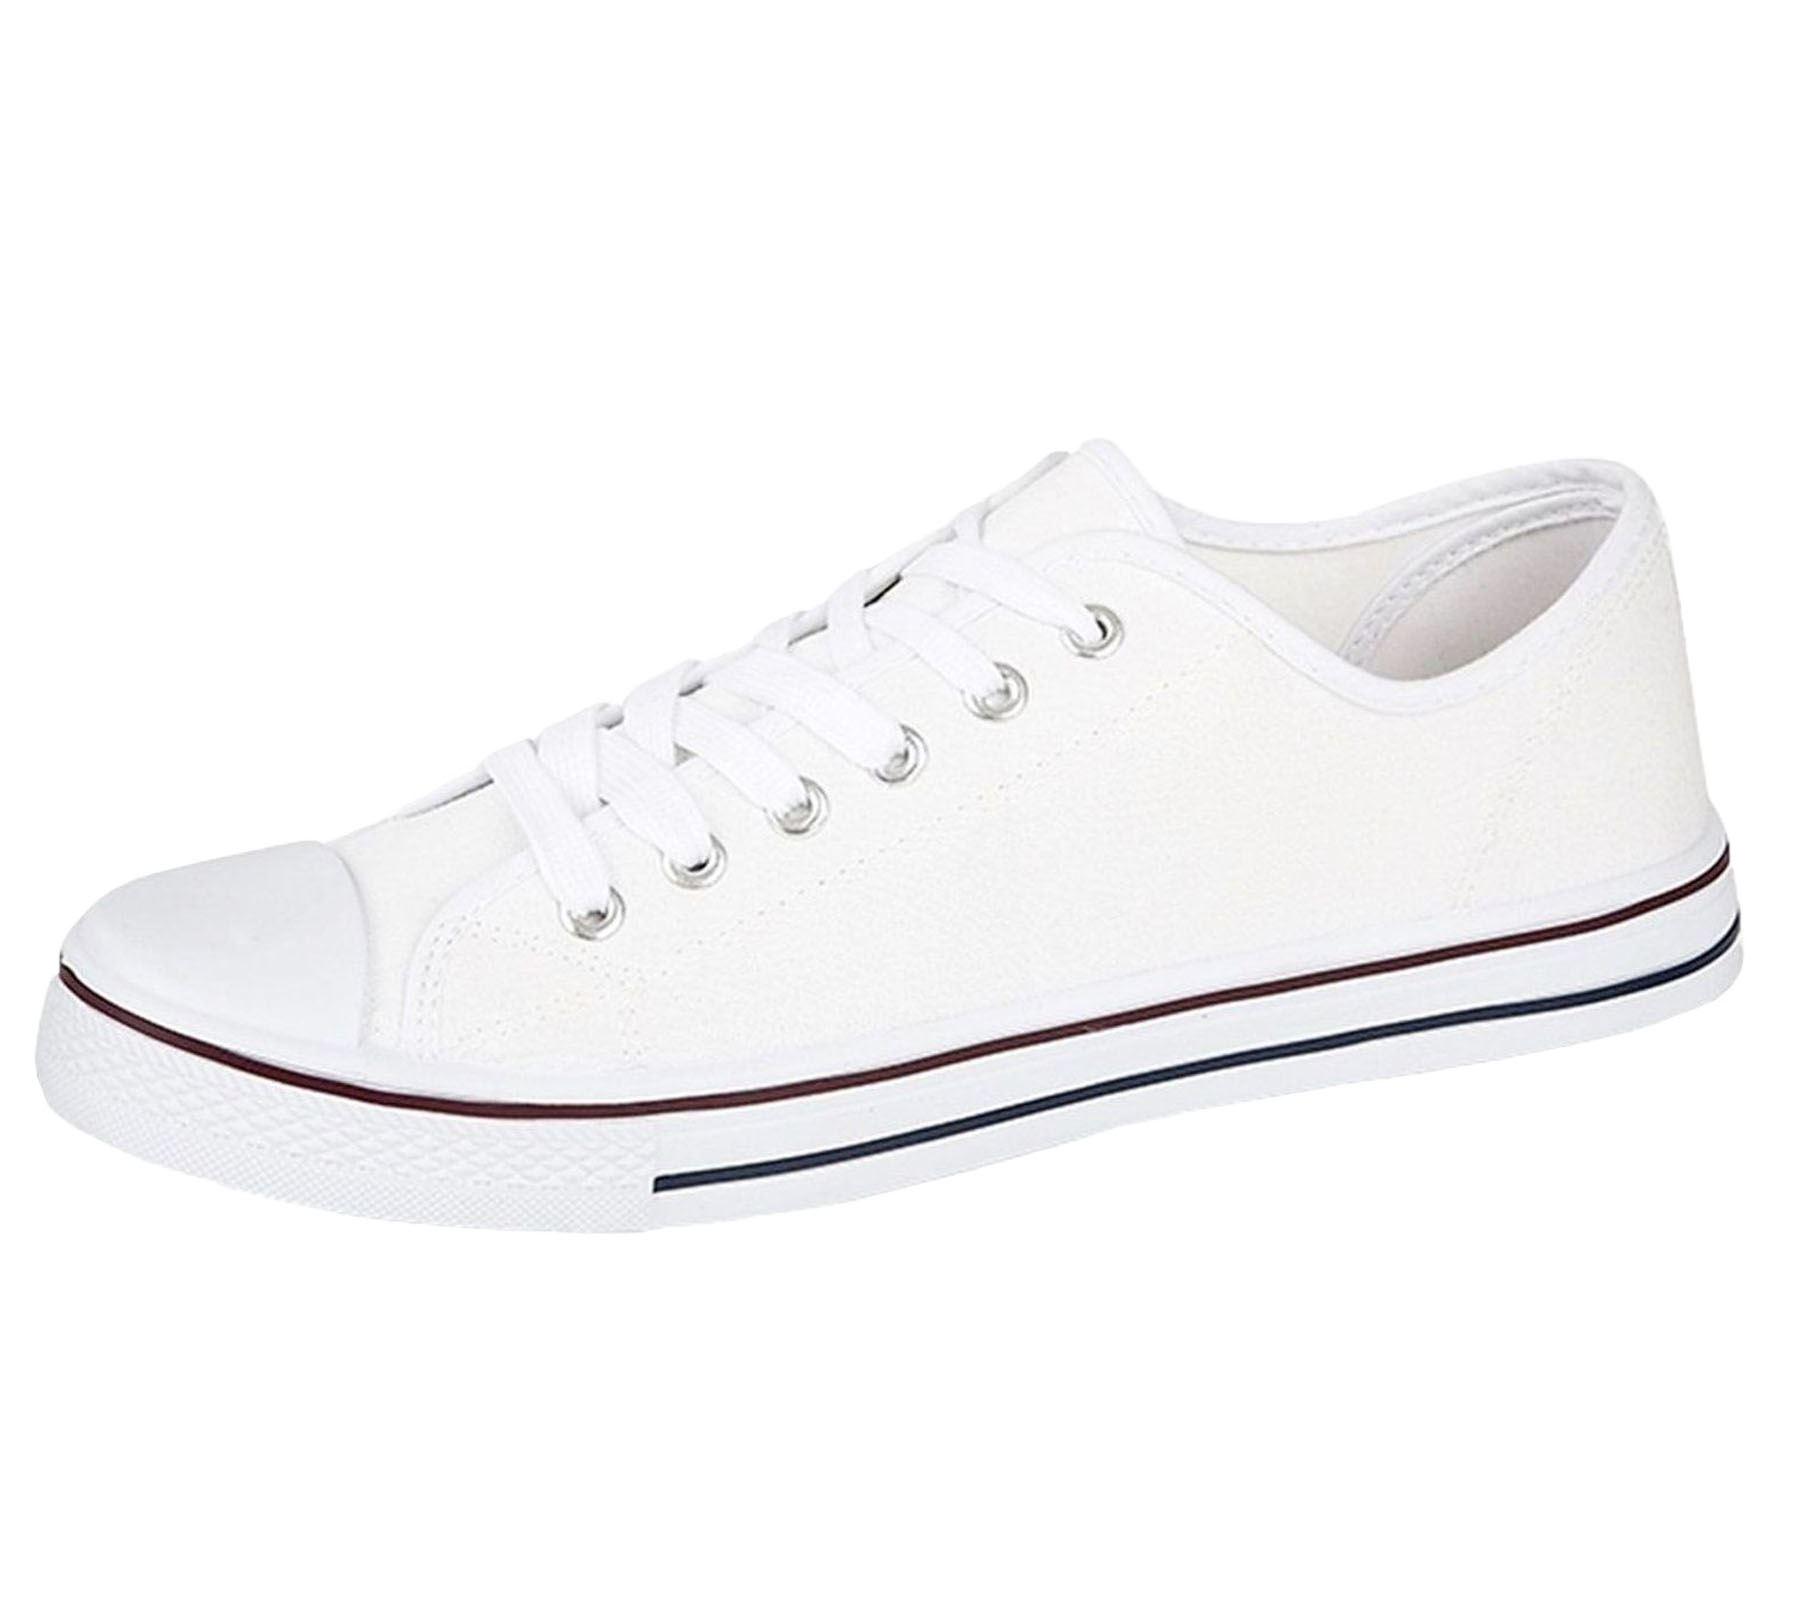 Mens-Canvas-Shoes-Plimsole-Trainer-Pumps-Lace-Up-Flat-Shoes thumbnail 16